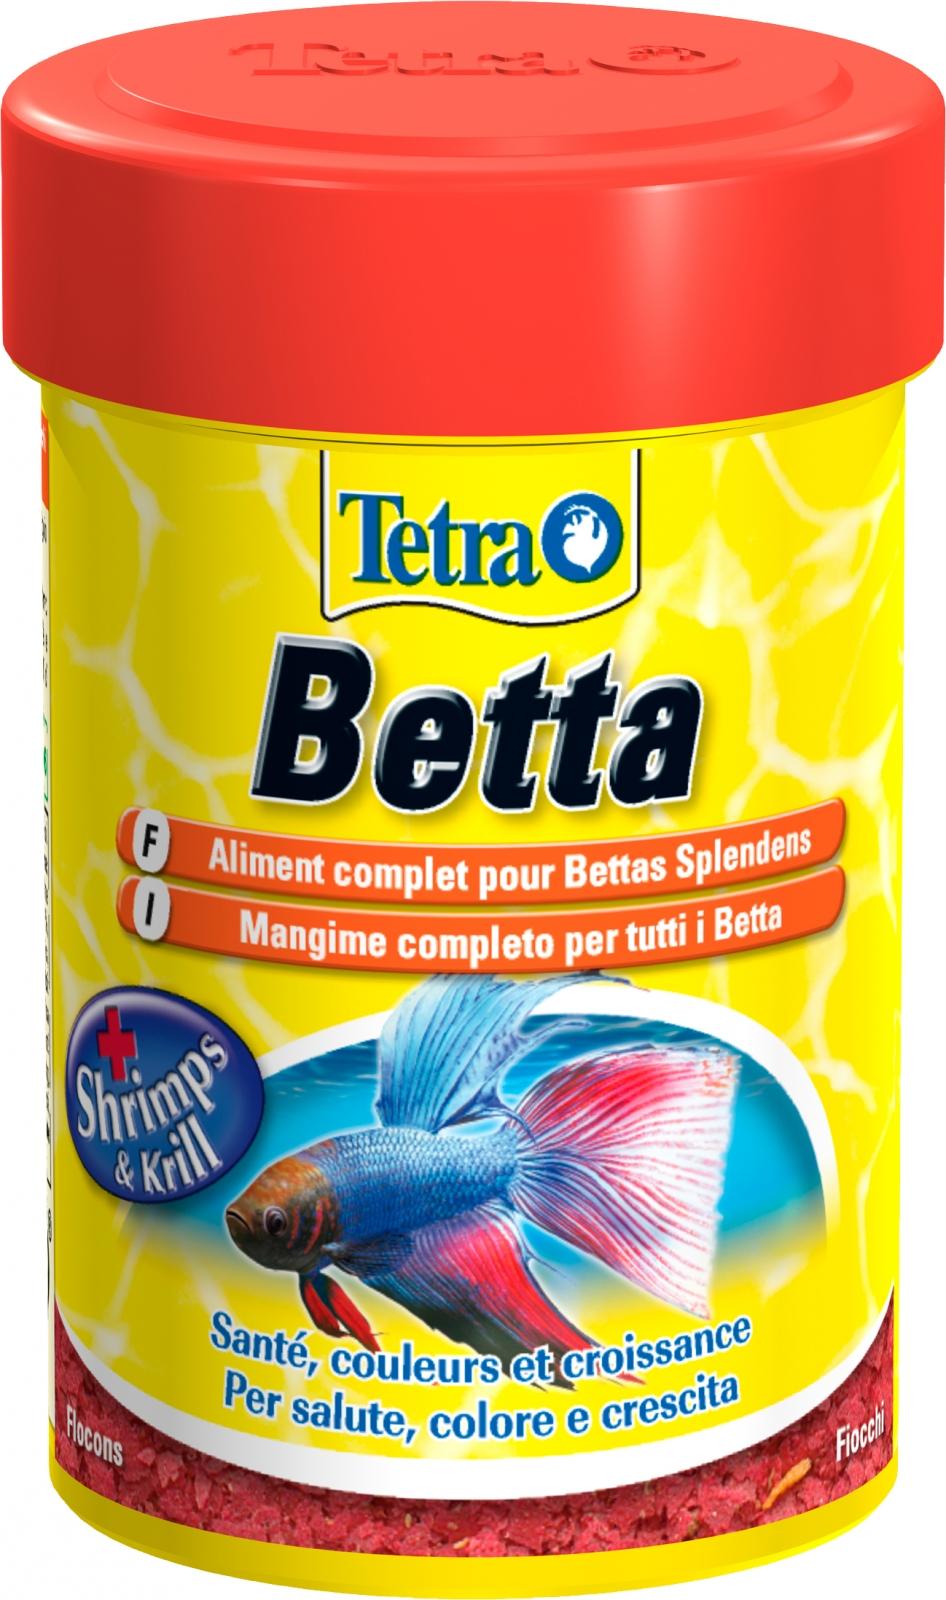 TETRA Betta 85 ml aliment complet en flocons pour Betta splendens